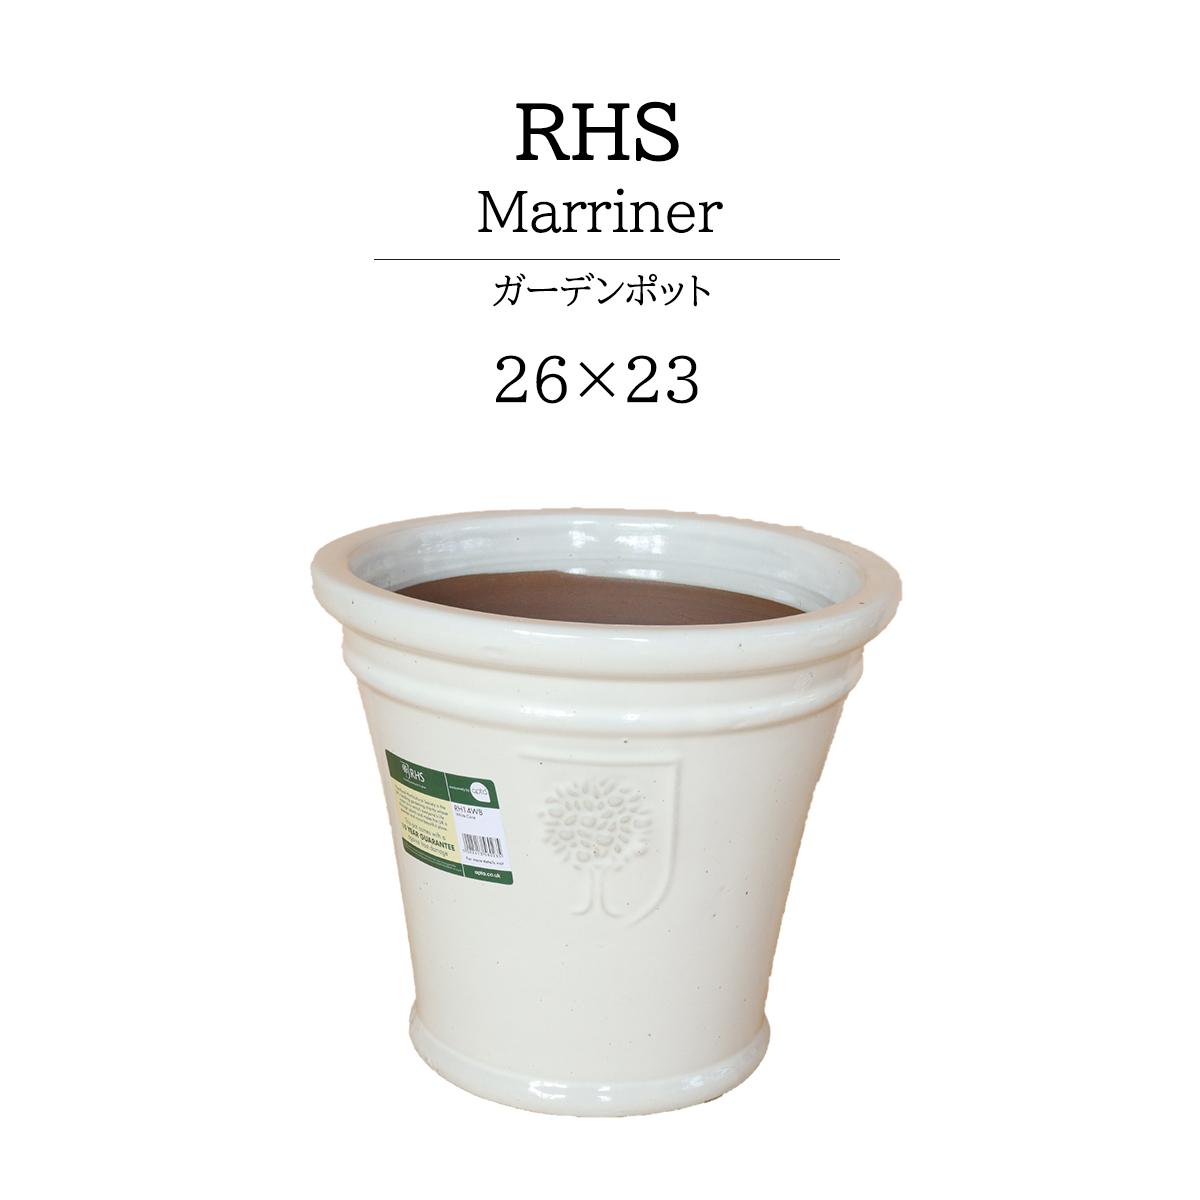 RHS Marriner ホワイトS